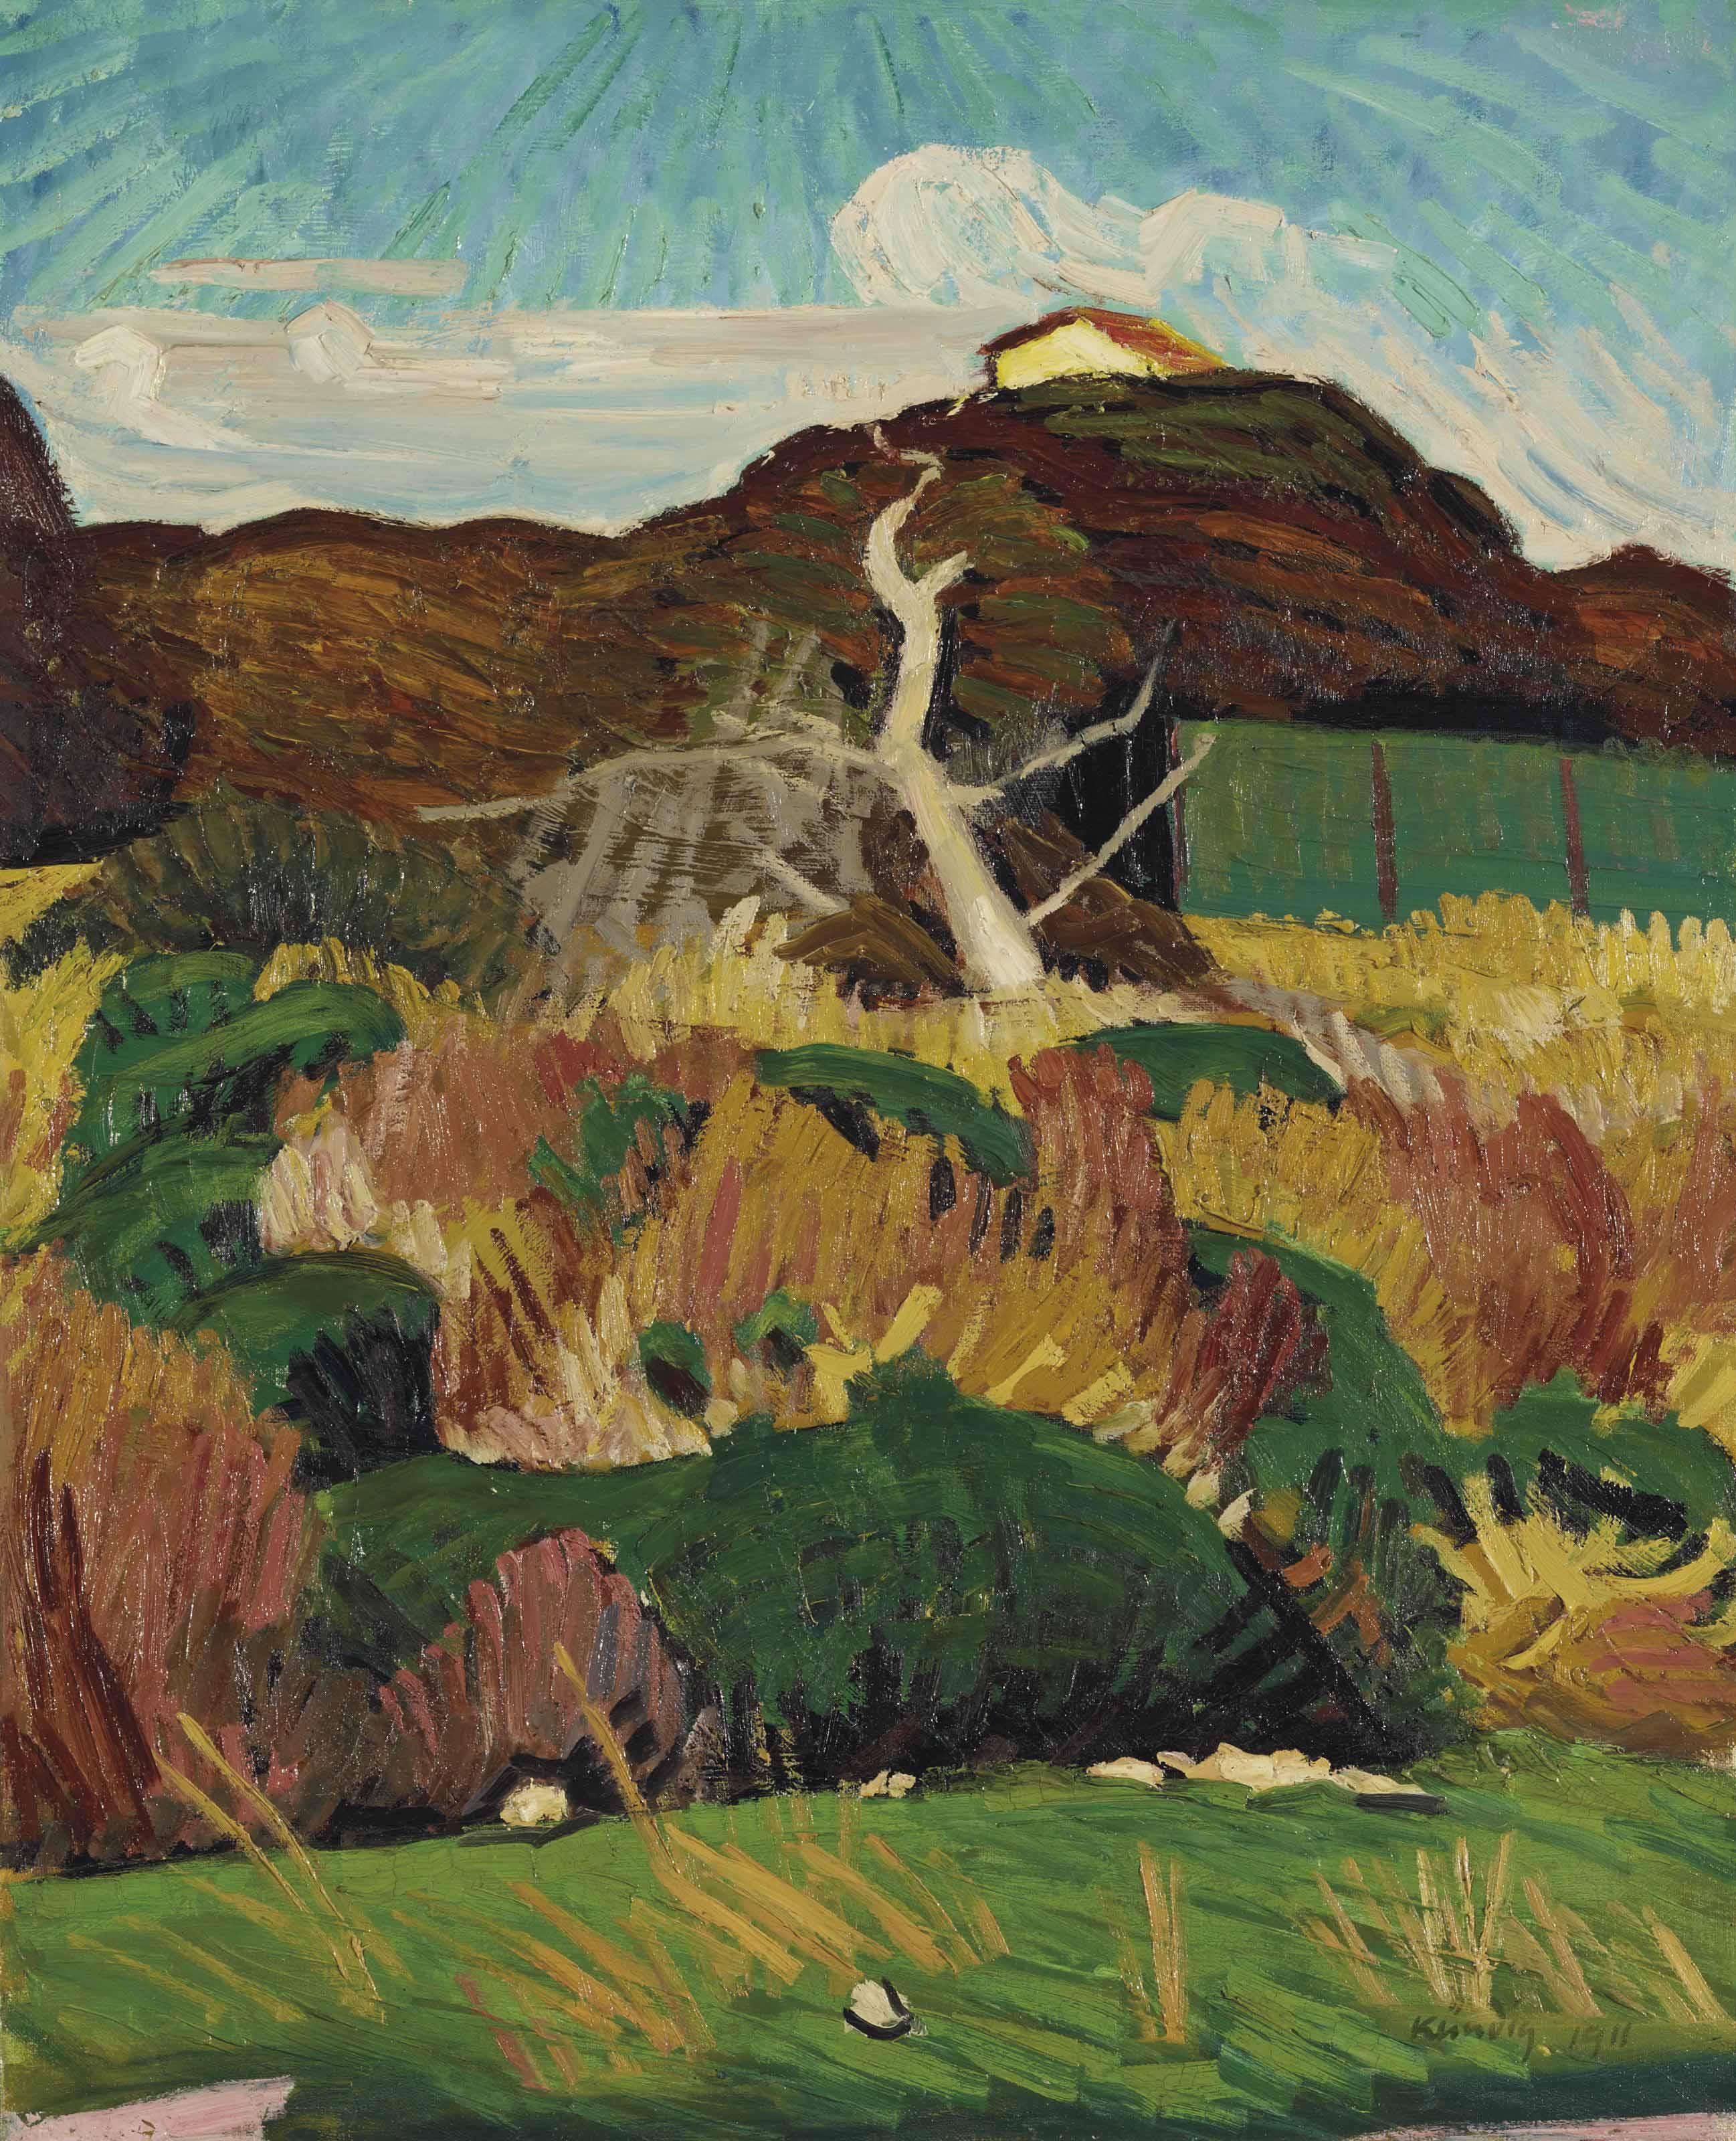 Landschaft in Tunis, 1911